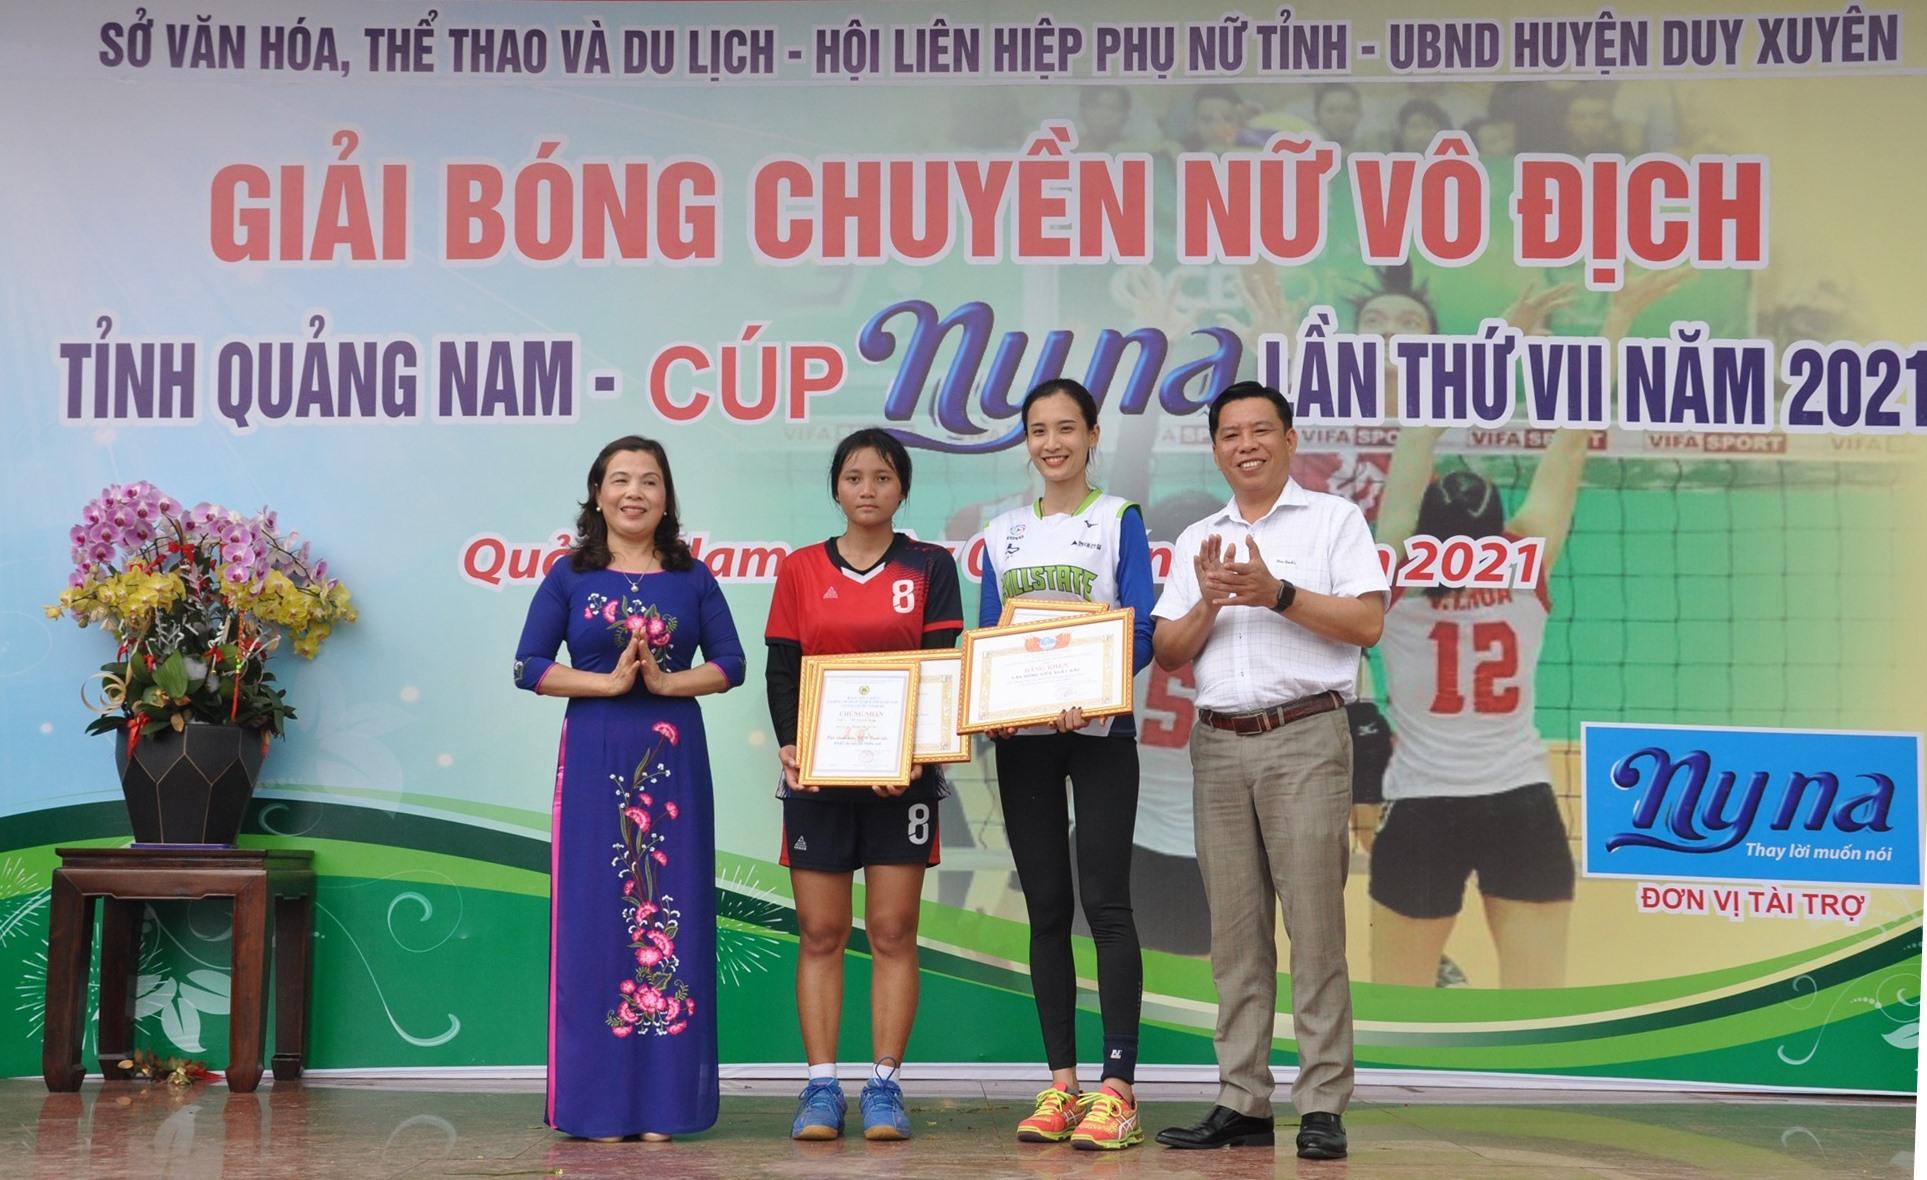 Từ Thị Thu Vân (Tam Kỳ) và Hồ Thị Kim Dung (Bắc Trà My) nhận giải vận động viên xuất sắc nhất. Ảnh: T.V